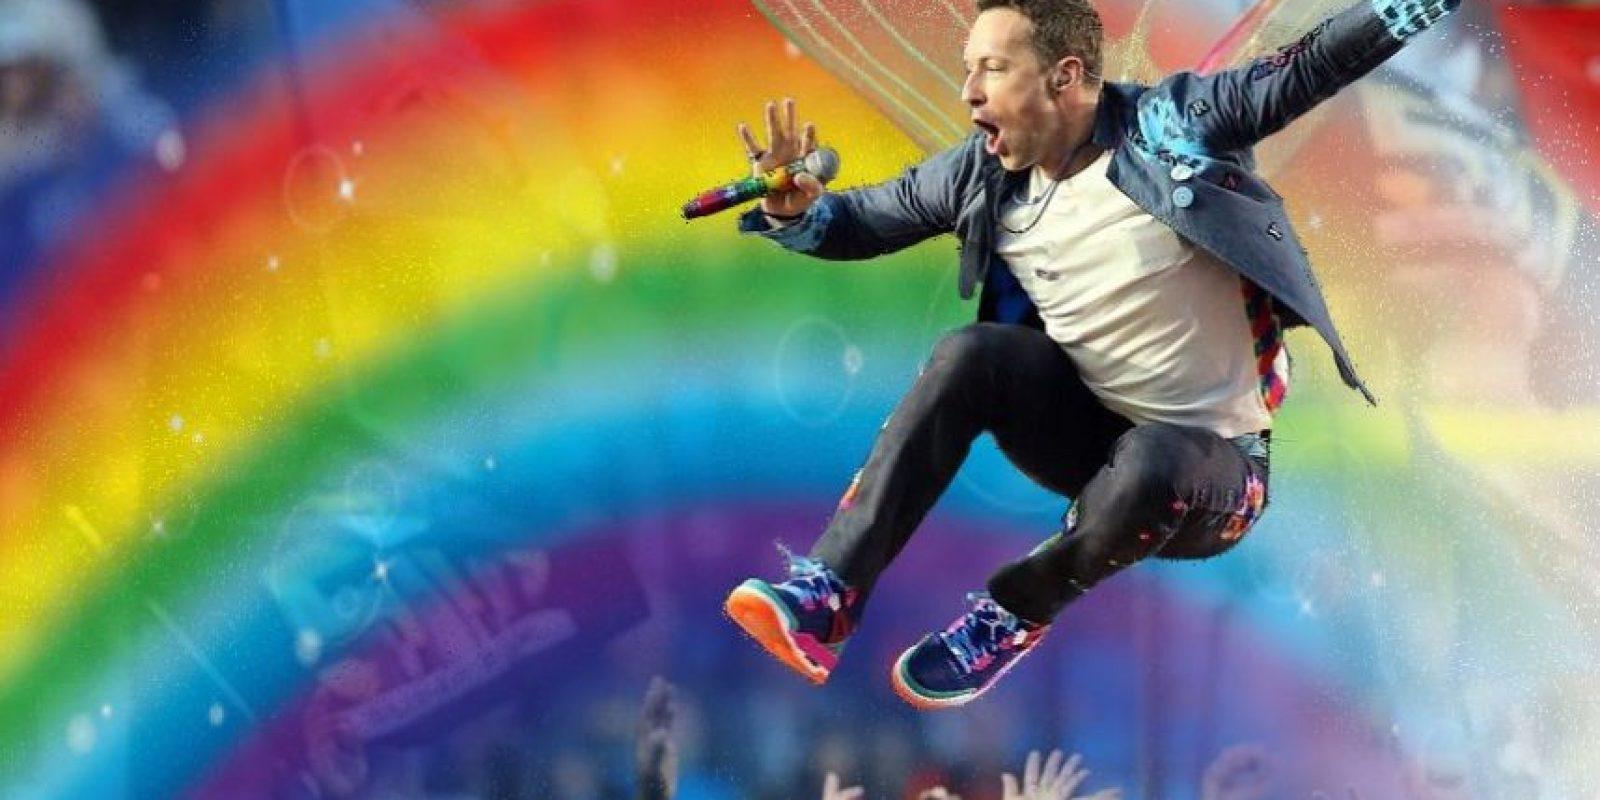 Con estas ediciones se burlaron de Chris Martin y su presentación en el show de medio tiempo del Super Bowl 50 Foto:Imgur / Reddit